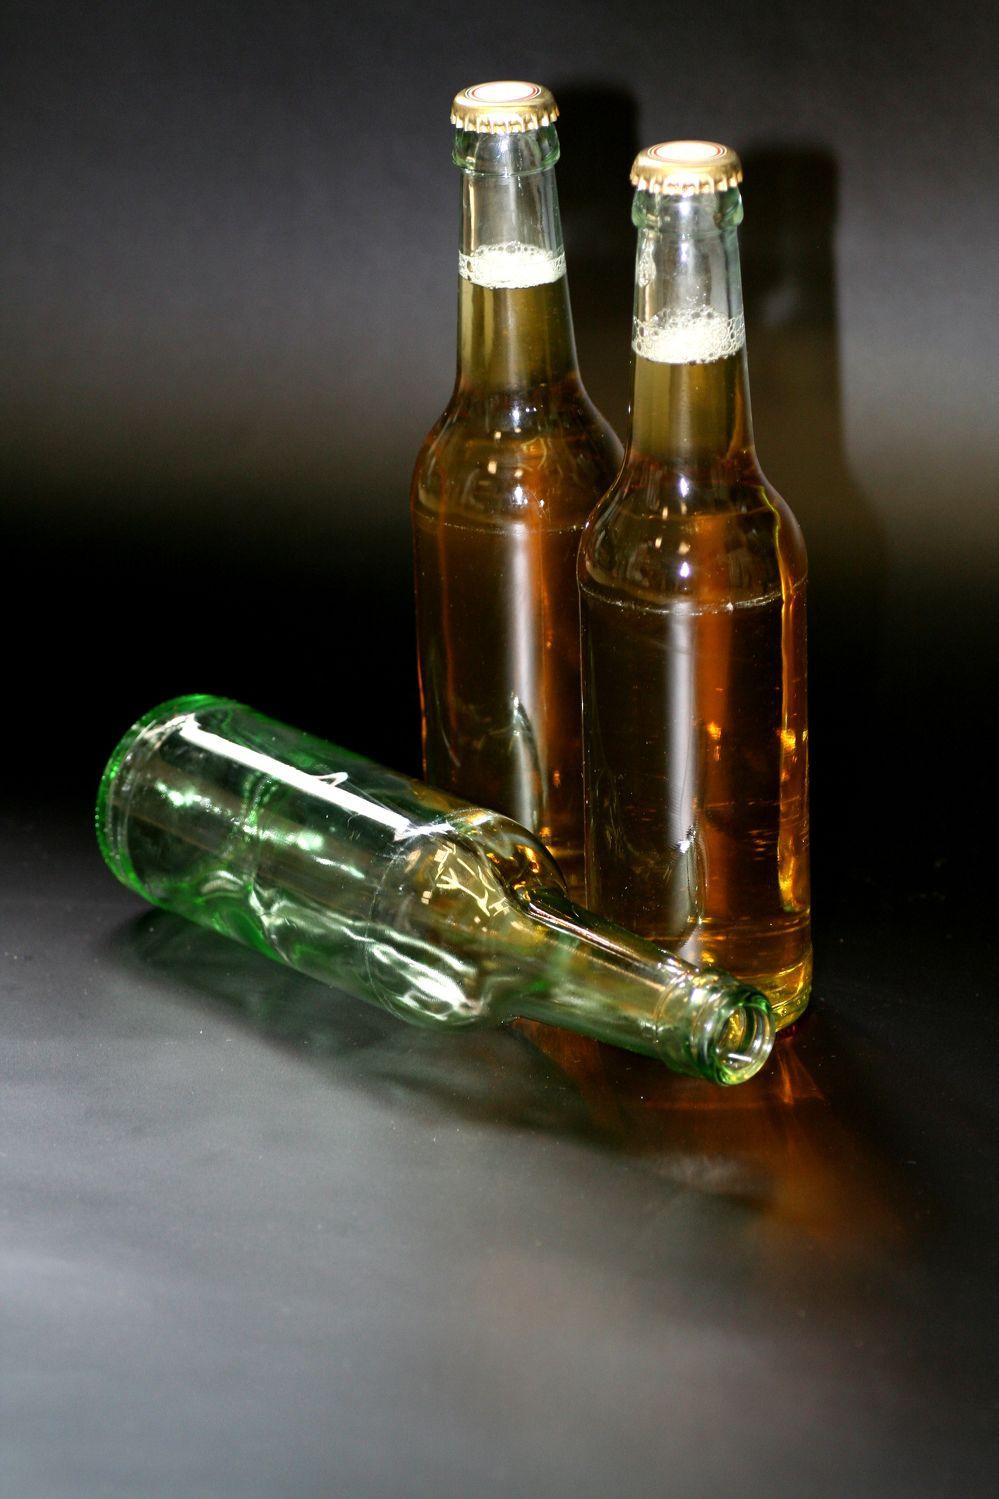 Bild mit Gegenstände, Lebensmittel, Materialien, Glas, Trinken, Getränke, Liköre, Alkohol, Flaschen